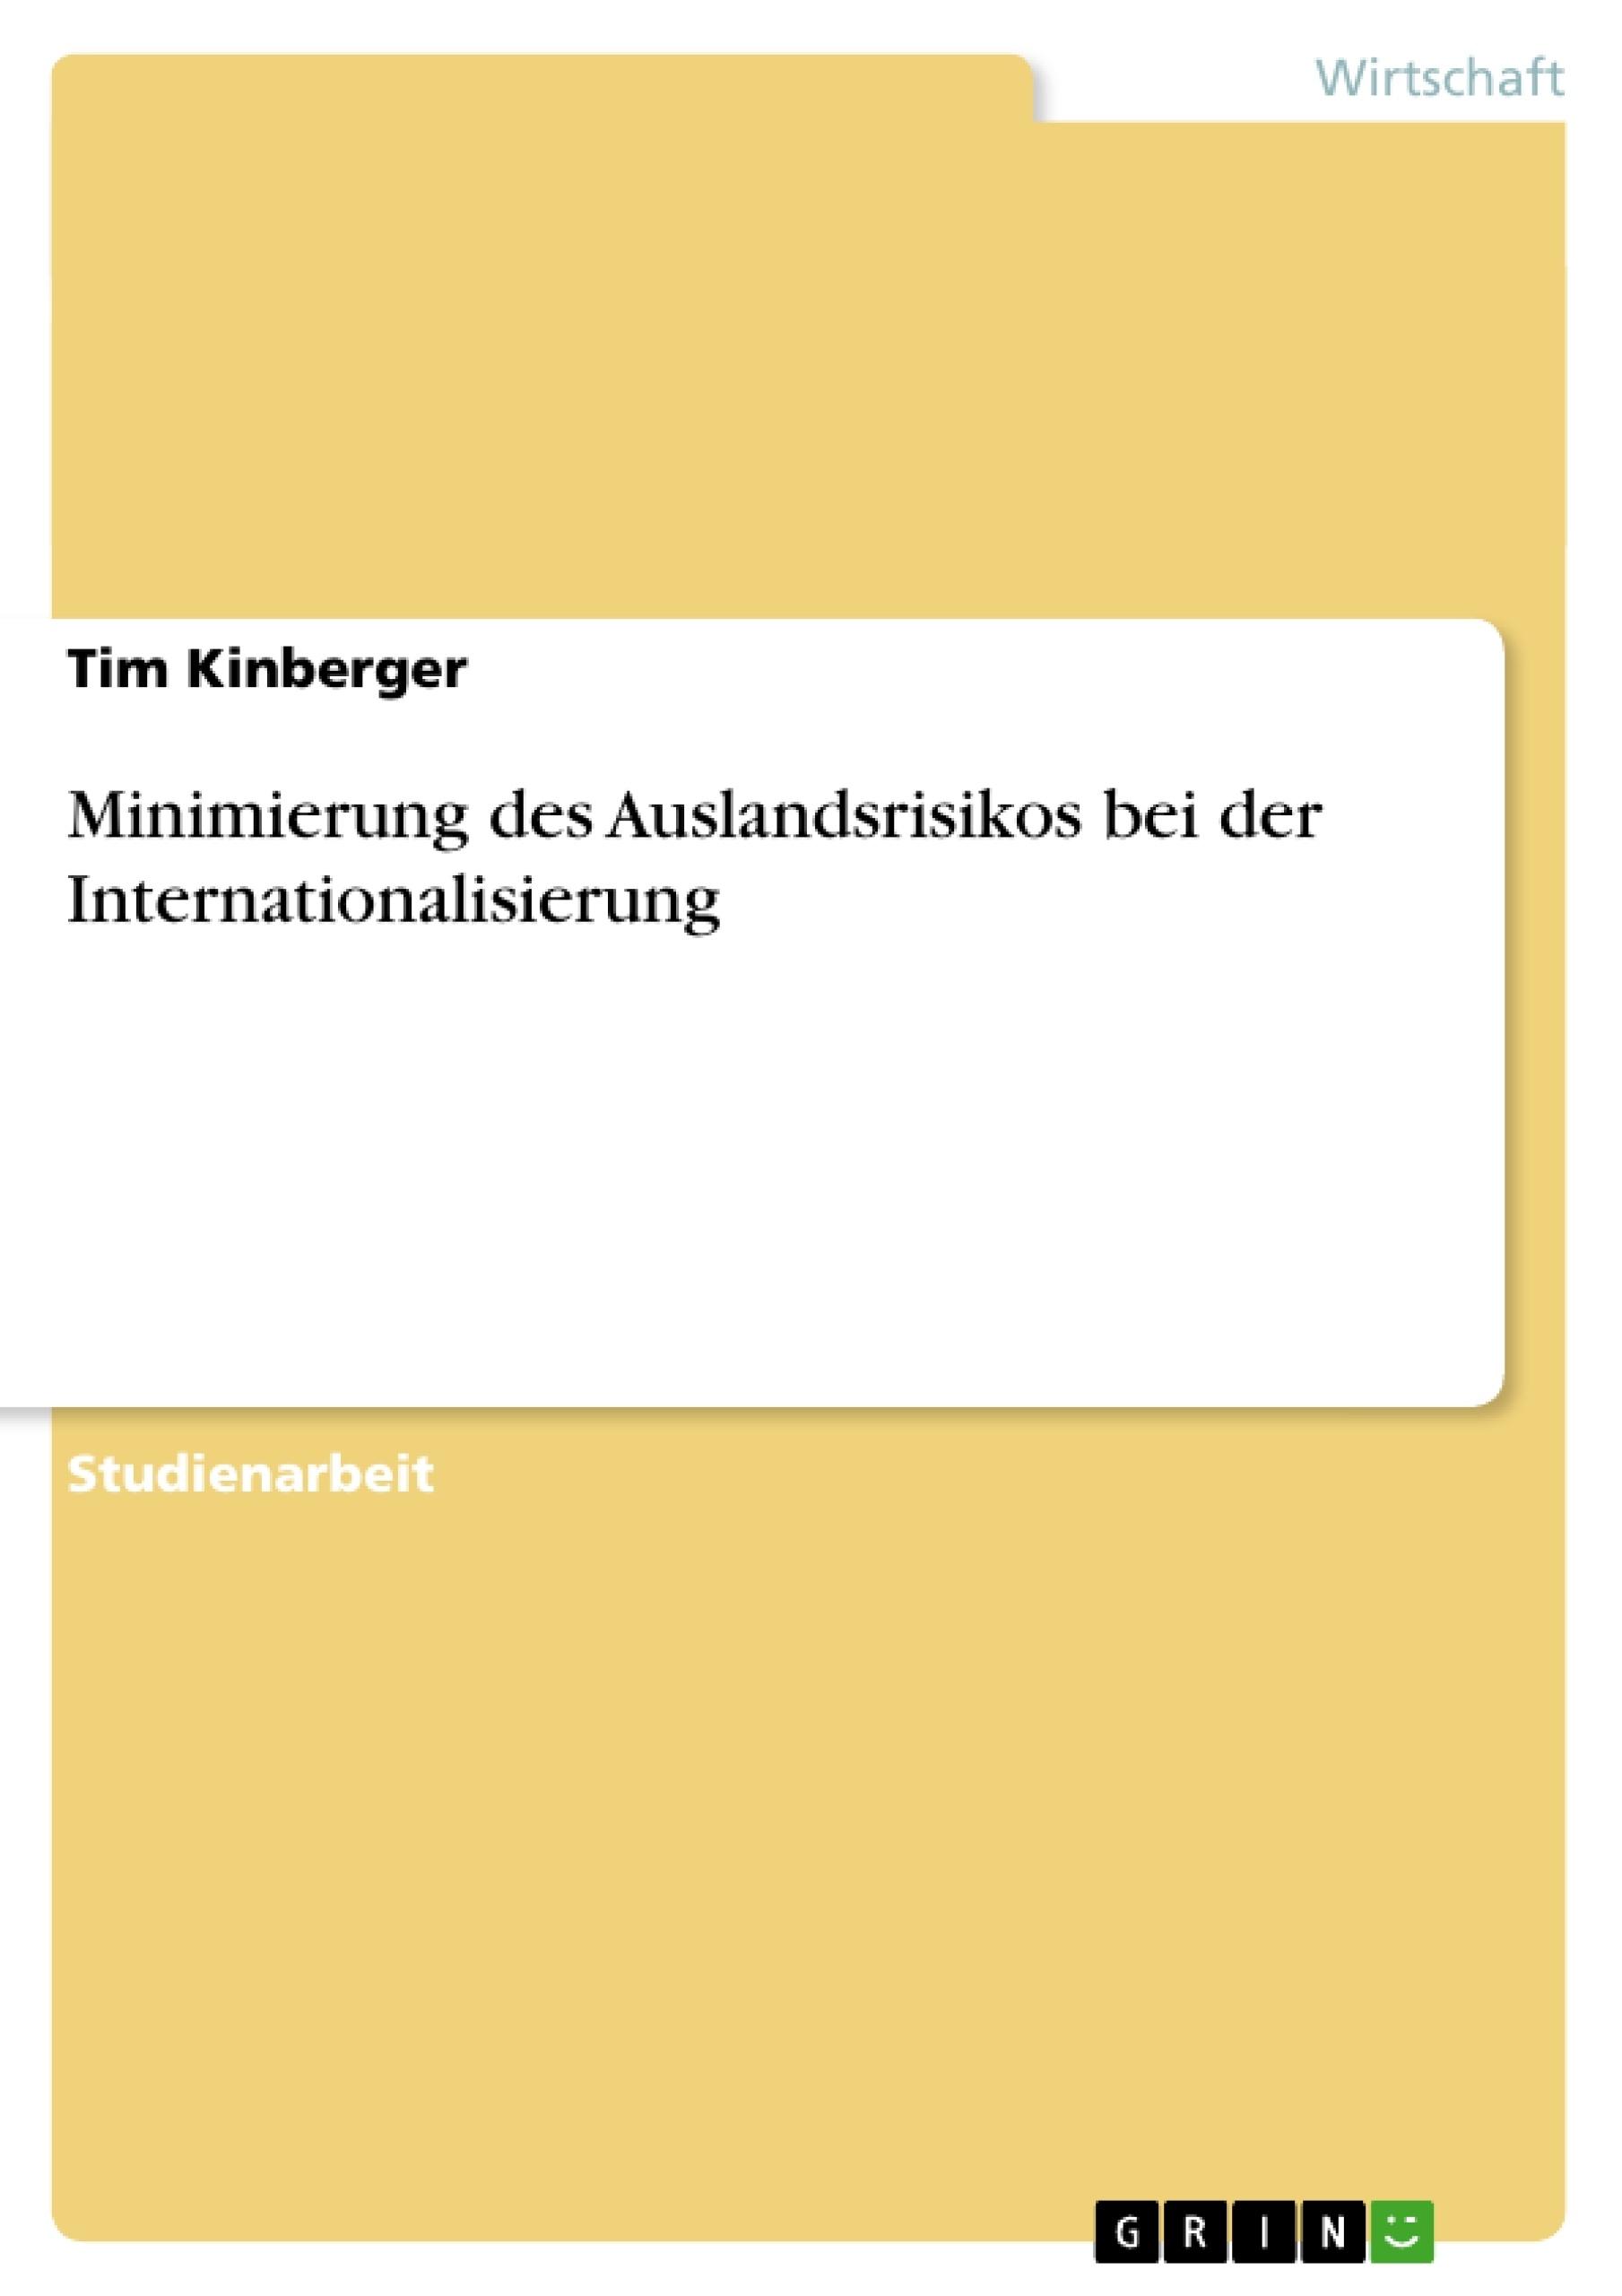 Titel: Minimierung des Auslandsrisikos bei der Internationalisierung